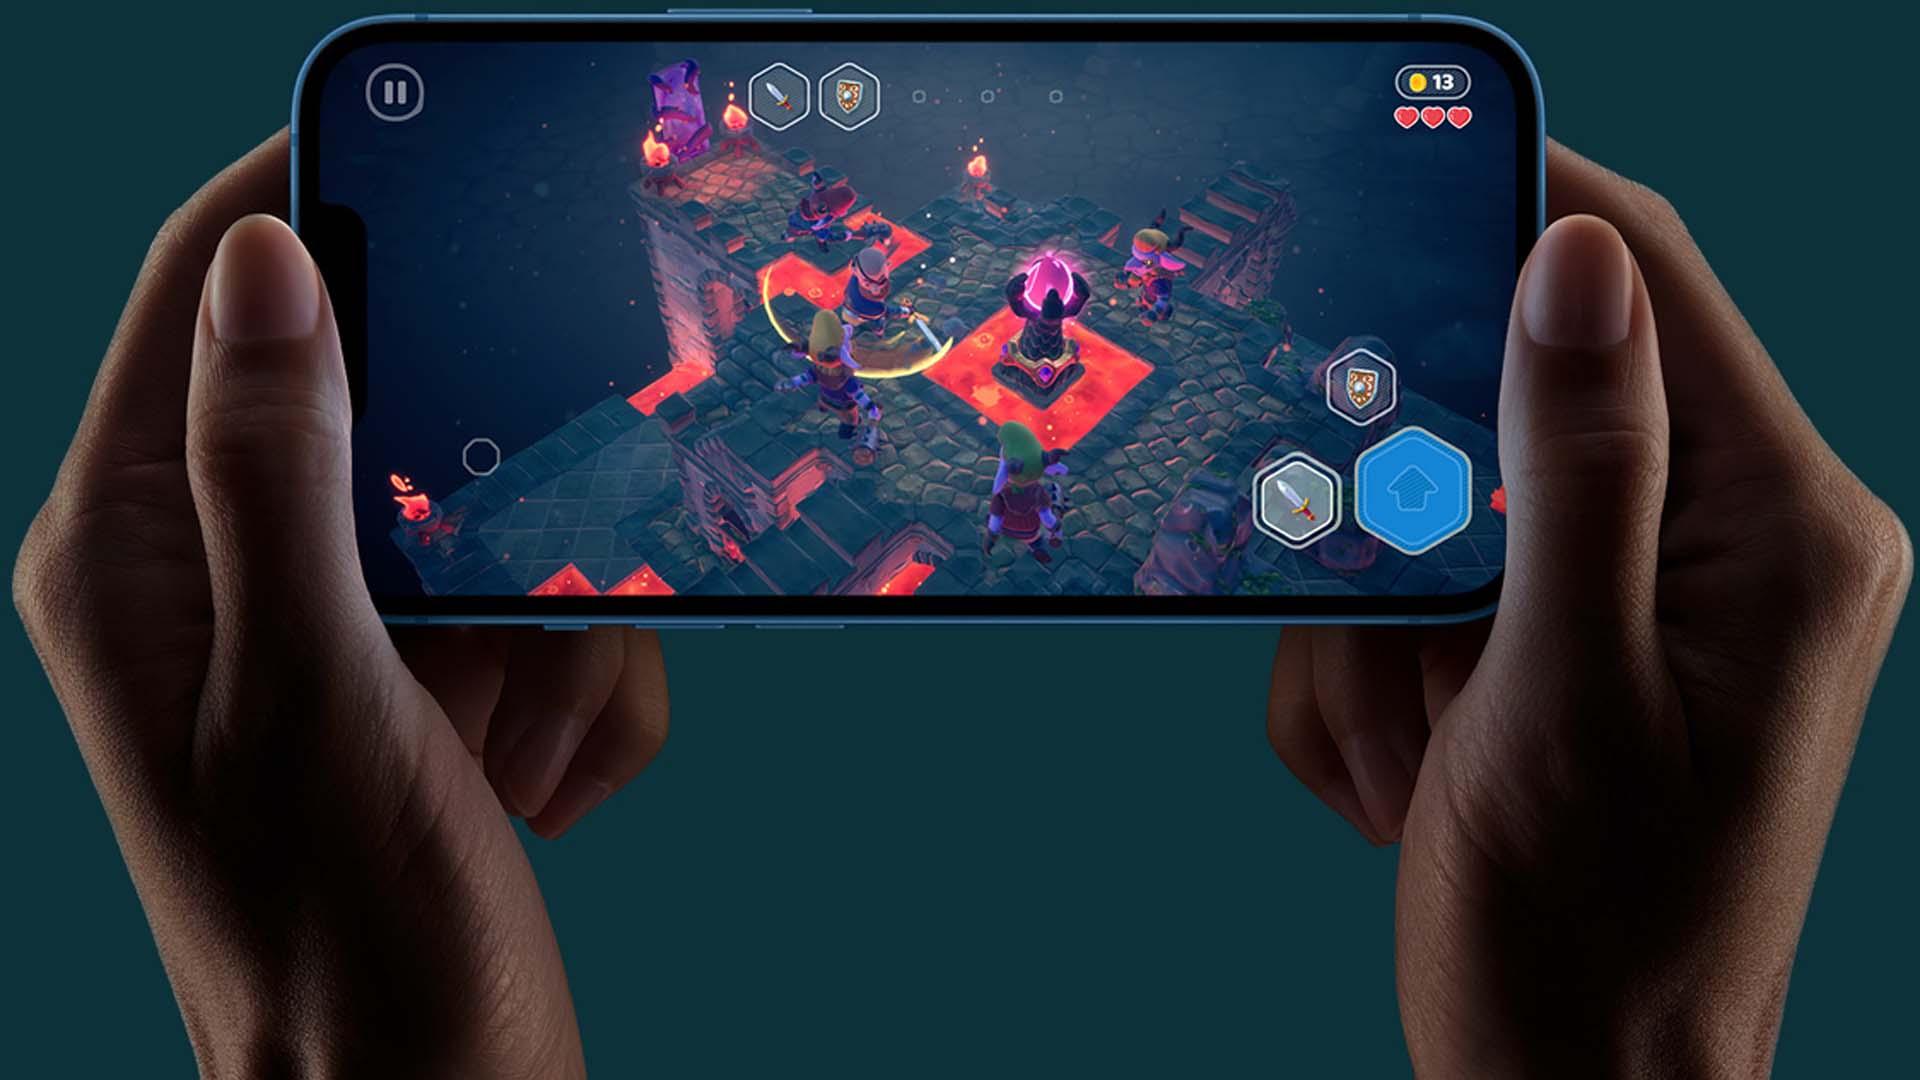 Imagem de um iPhone 13 Mini com um jogo em execução.